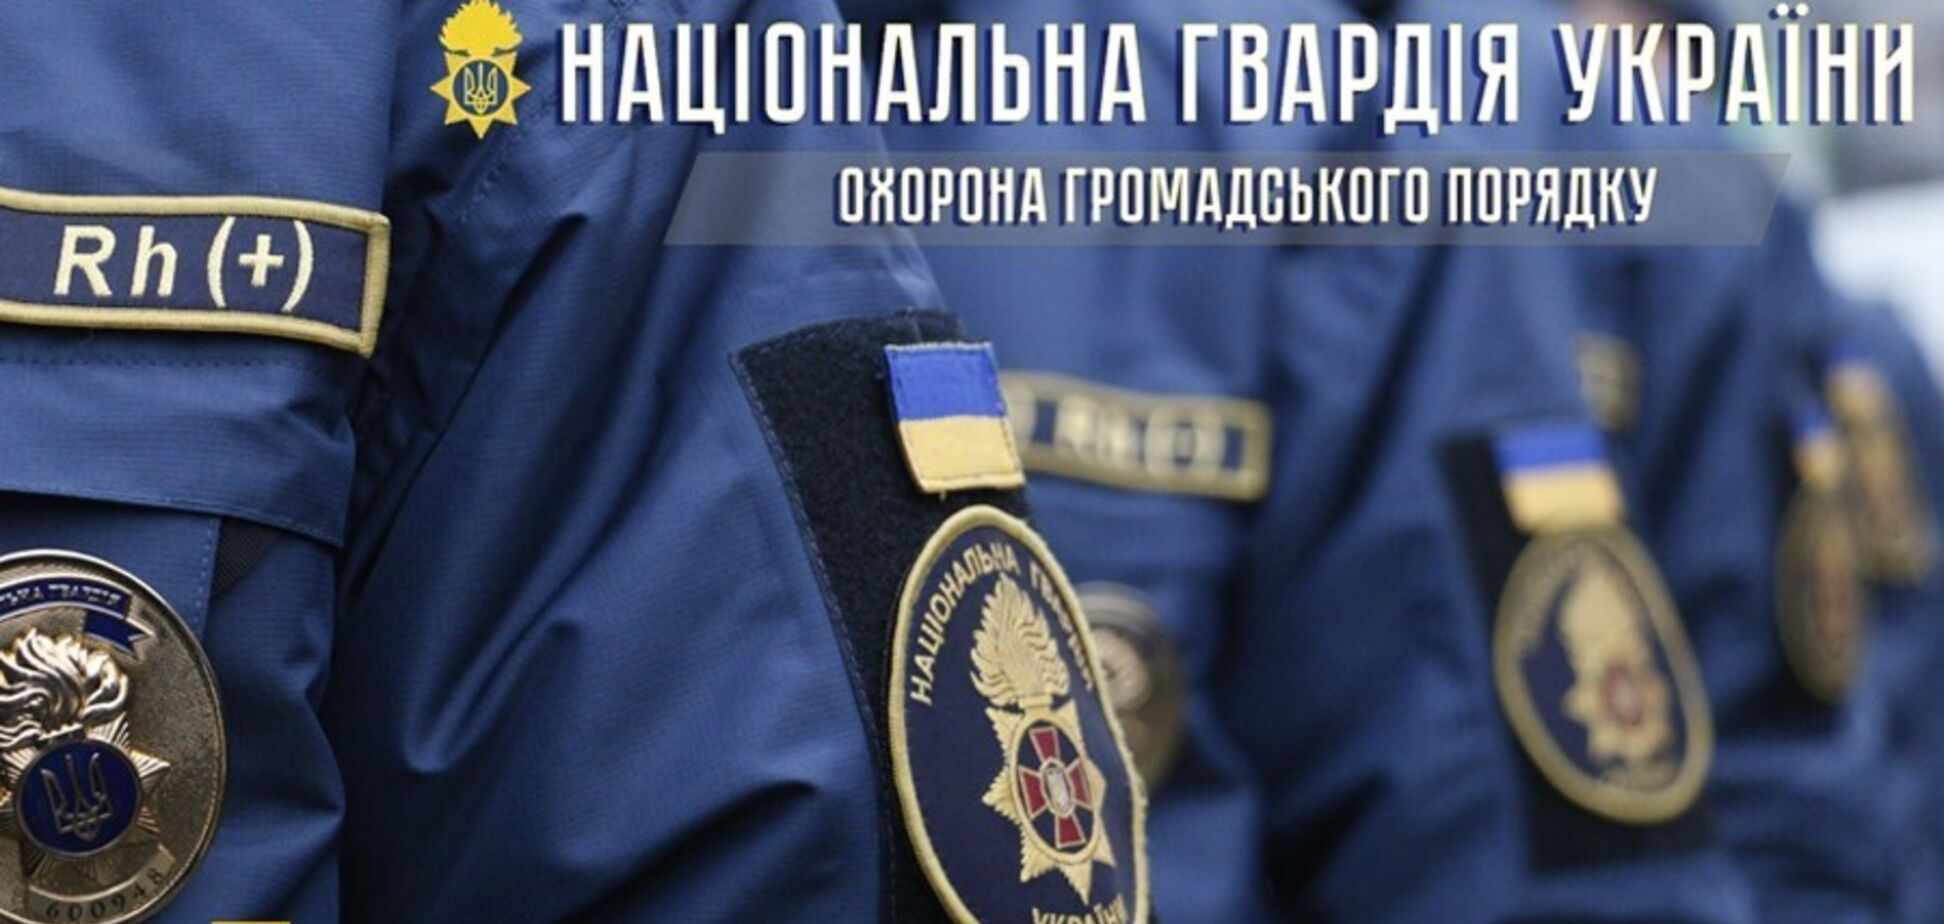 Бійці Нацгвардії в Одесі затримали неадеквата з мачете